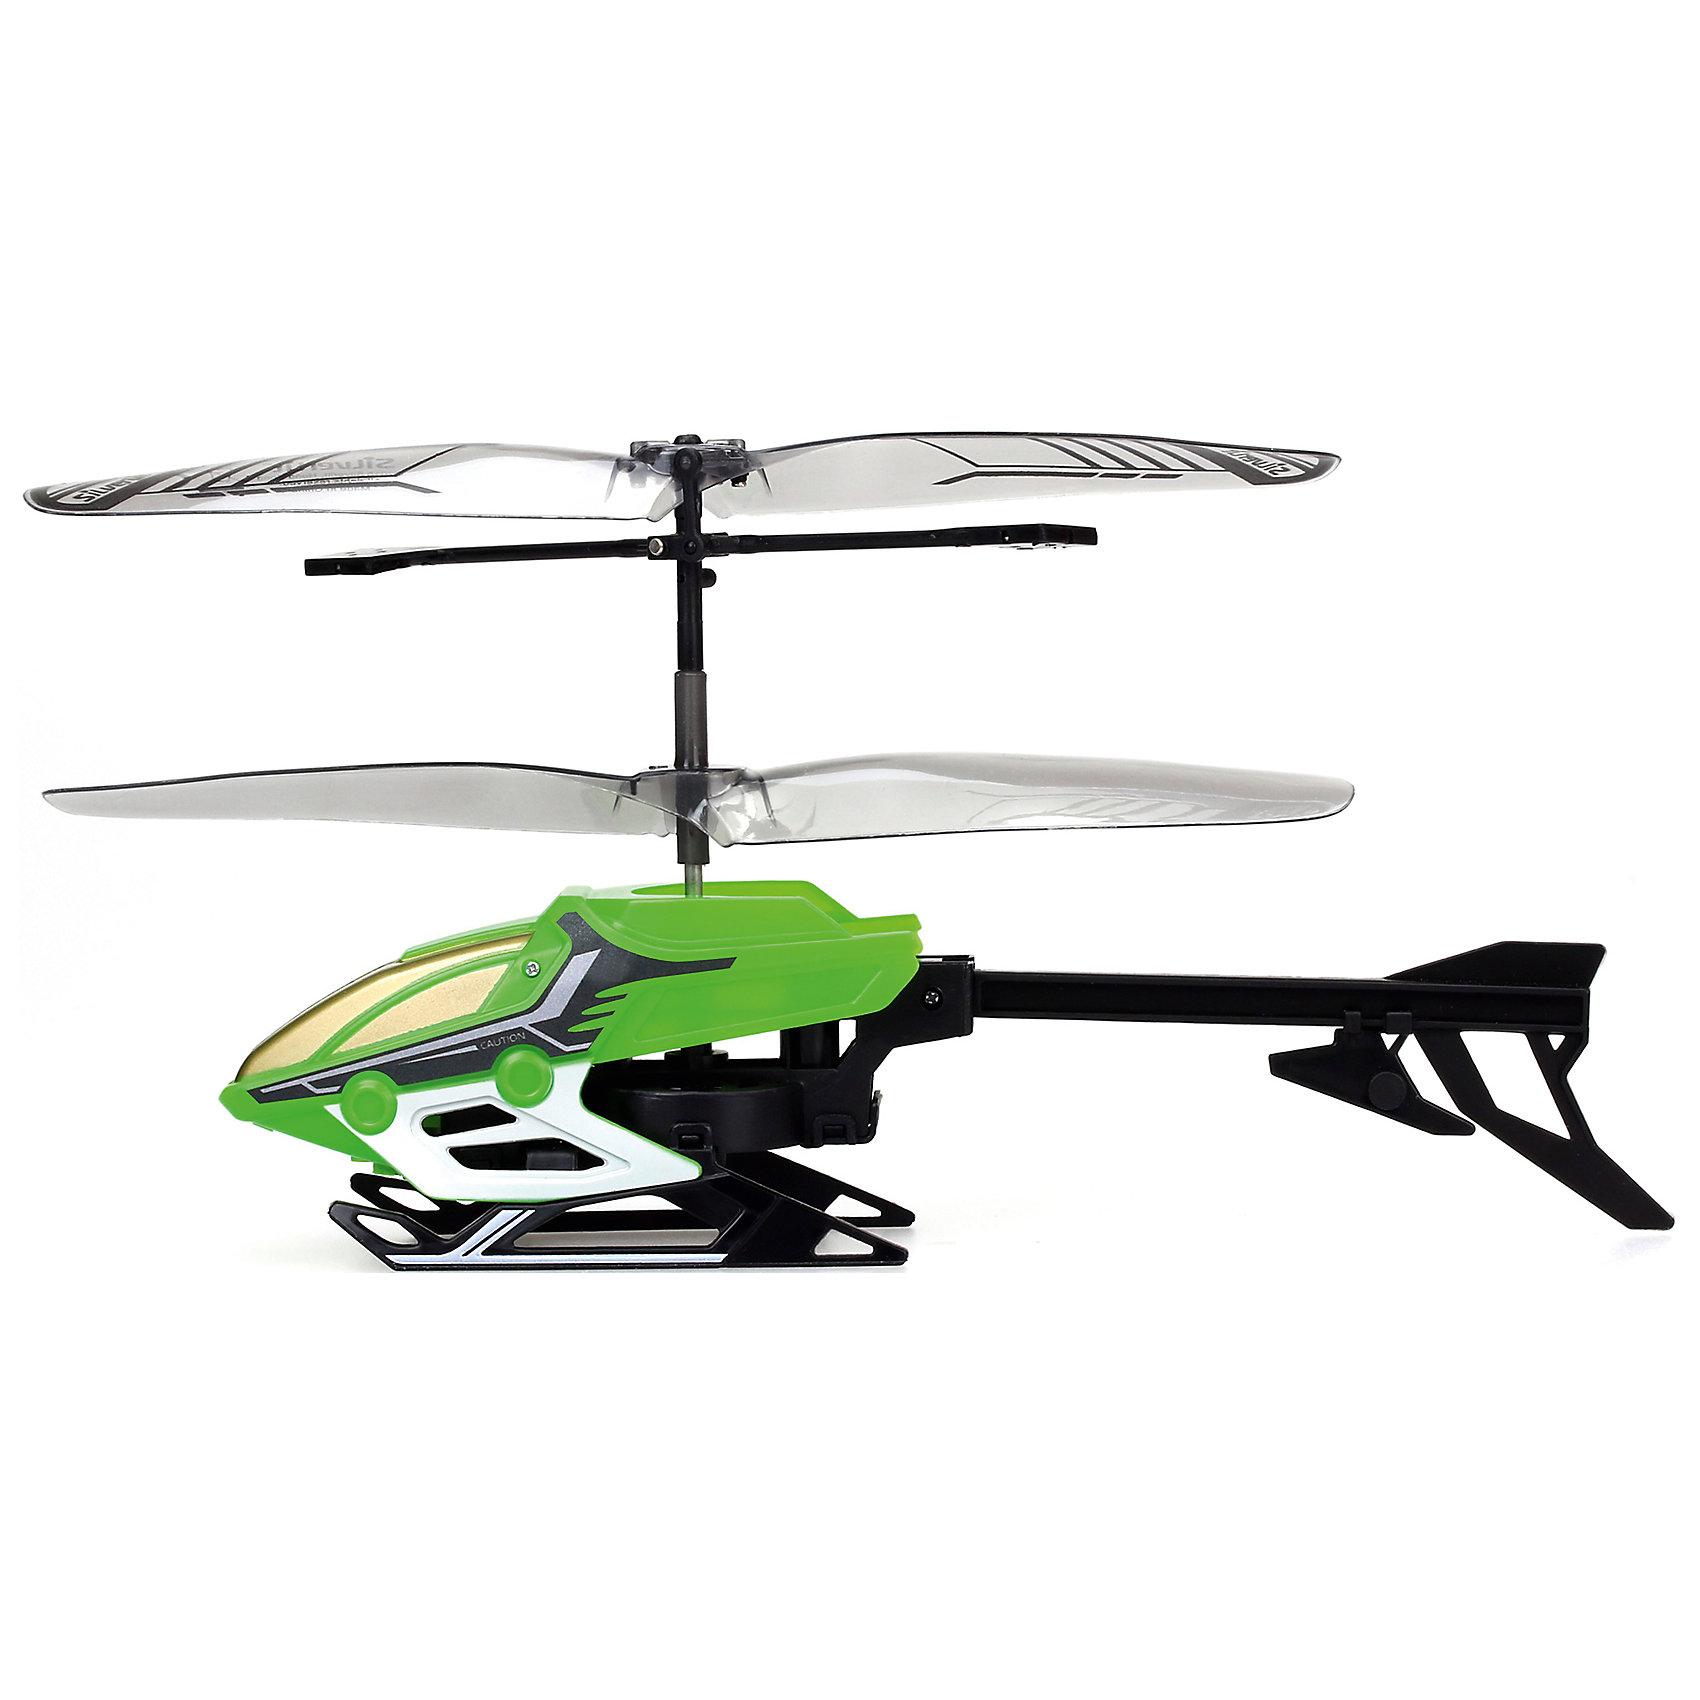 Silverlit Вертолет 2-х канальный Alpha Y, Silverlit купить вертолет на пульте управления в костроме